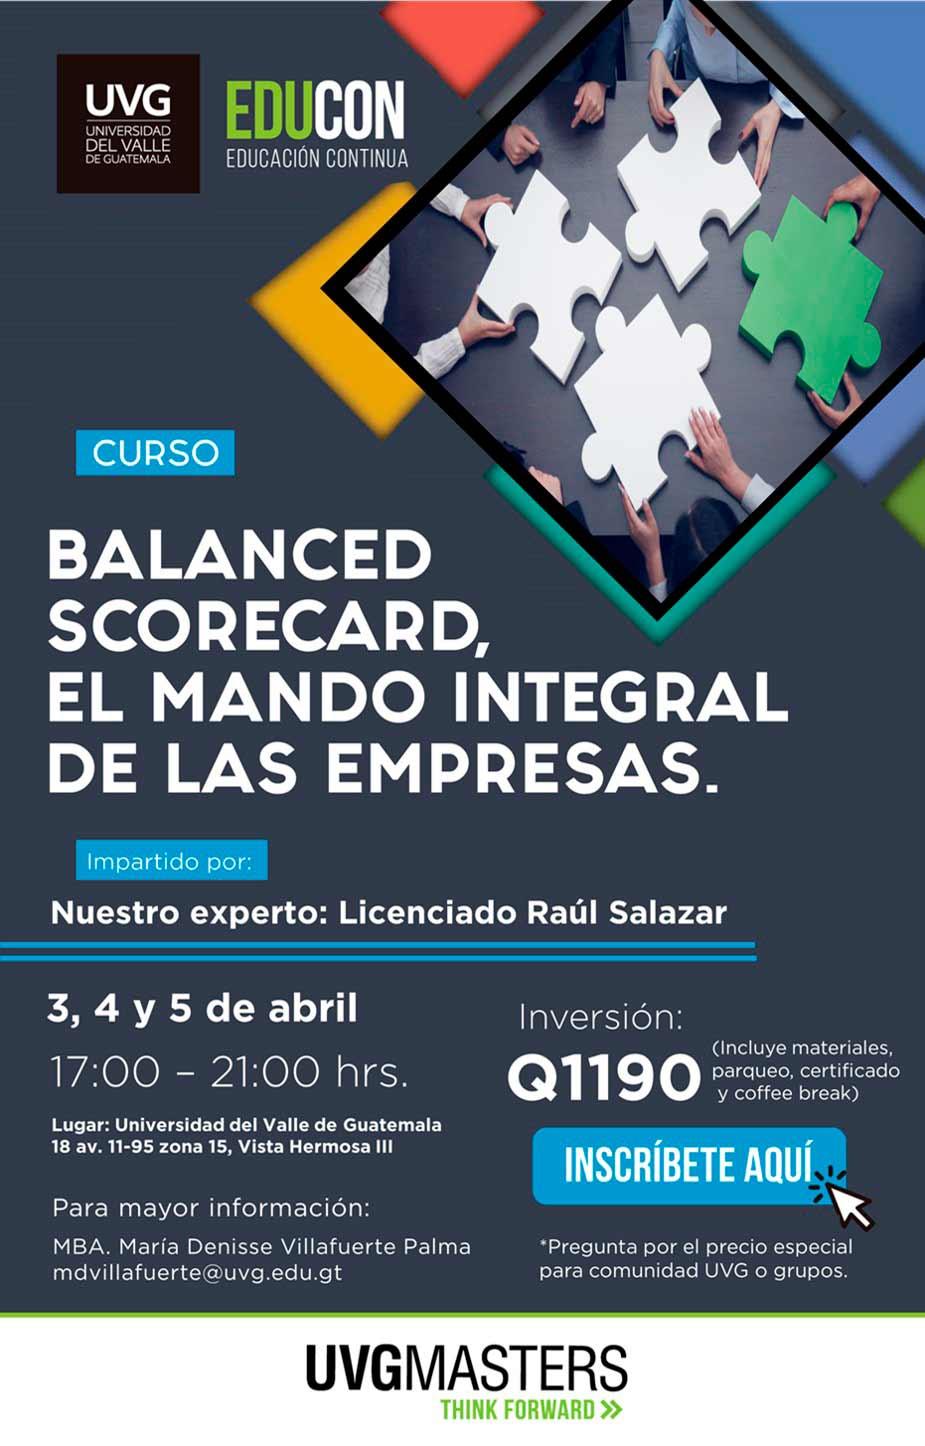 BALANCED SCORECARD, EL MANDO INTEGRAL DE LAS EMPRESAS